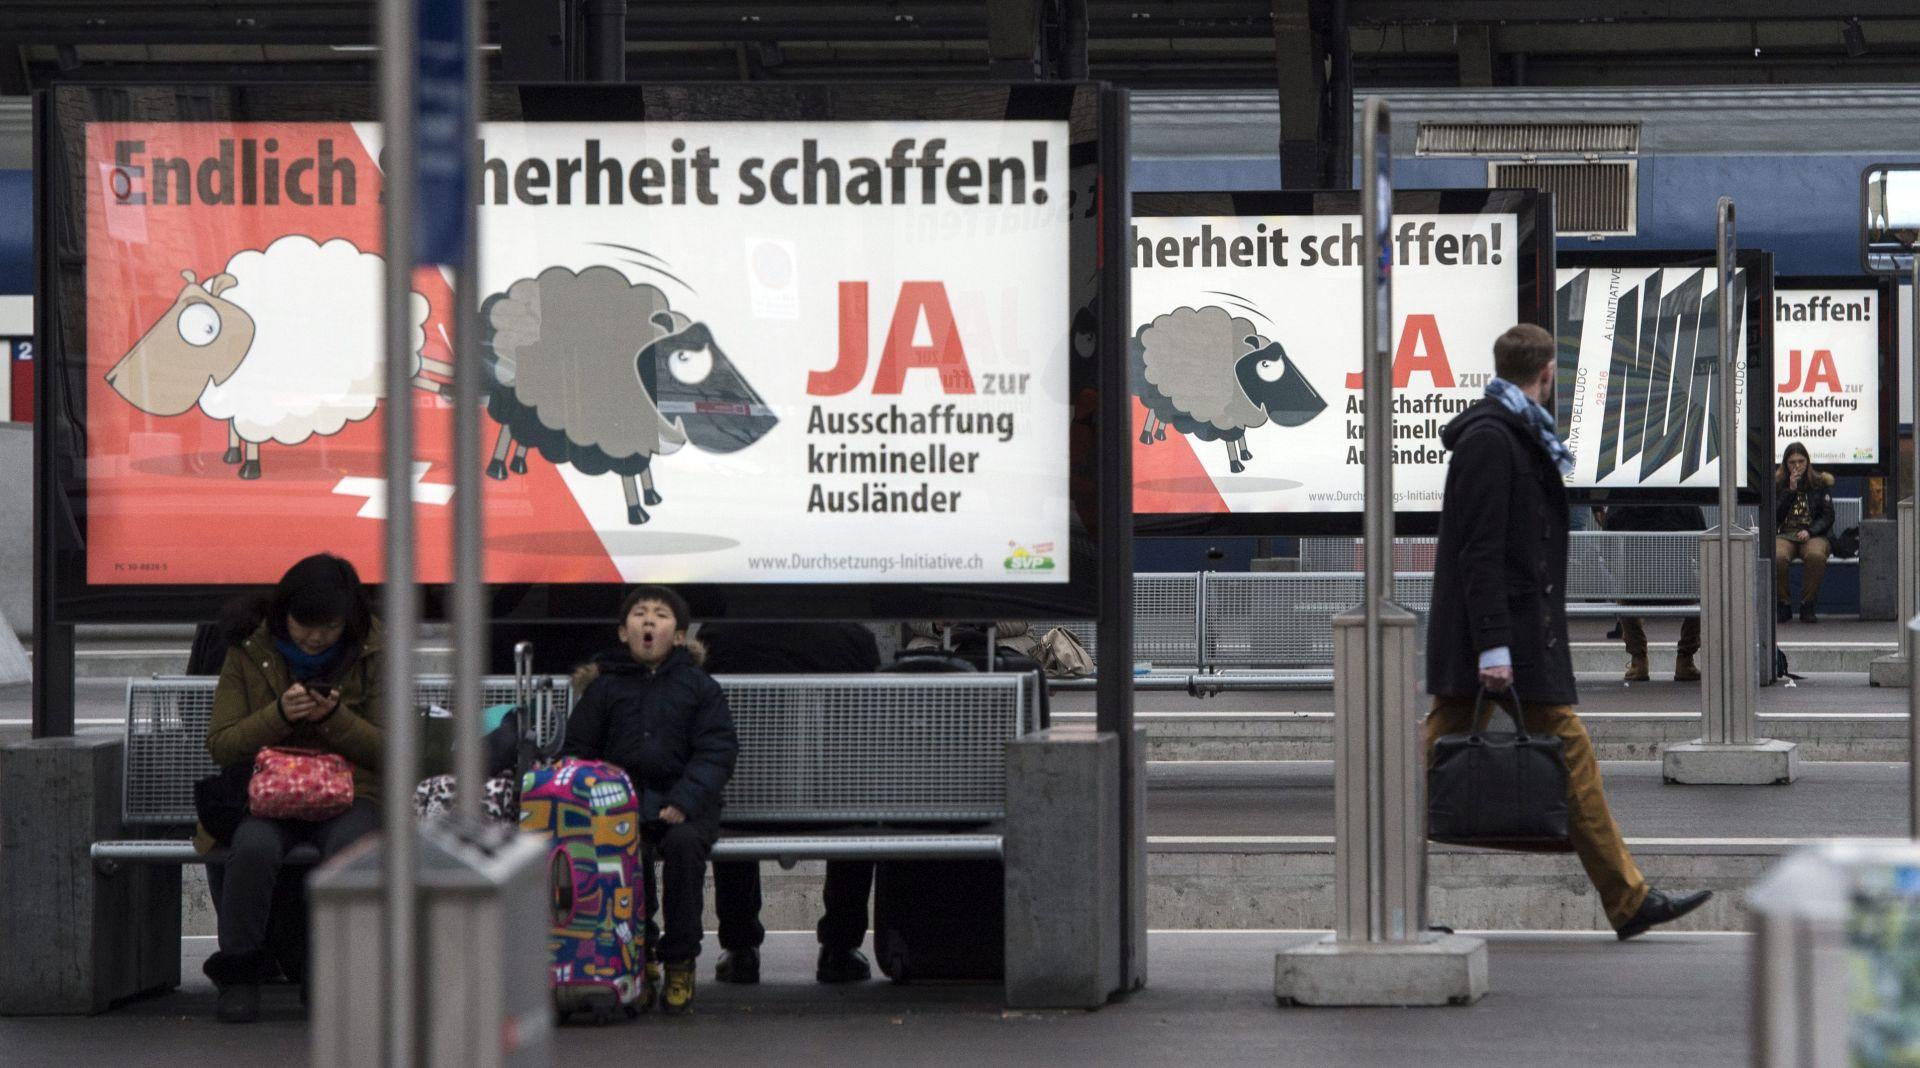 SMANJENJE RAZINE KRIMINALA? Referendum o deportaciji podijelio švicarske birače